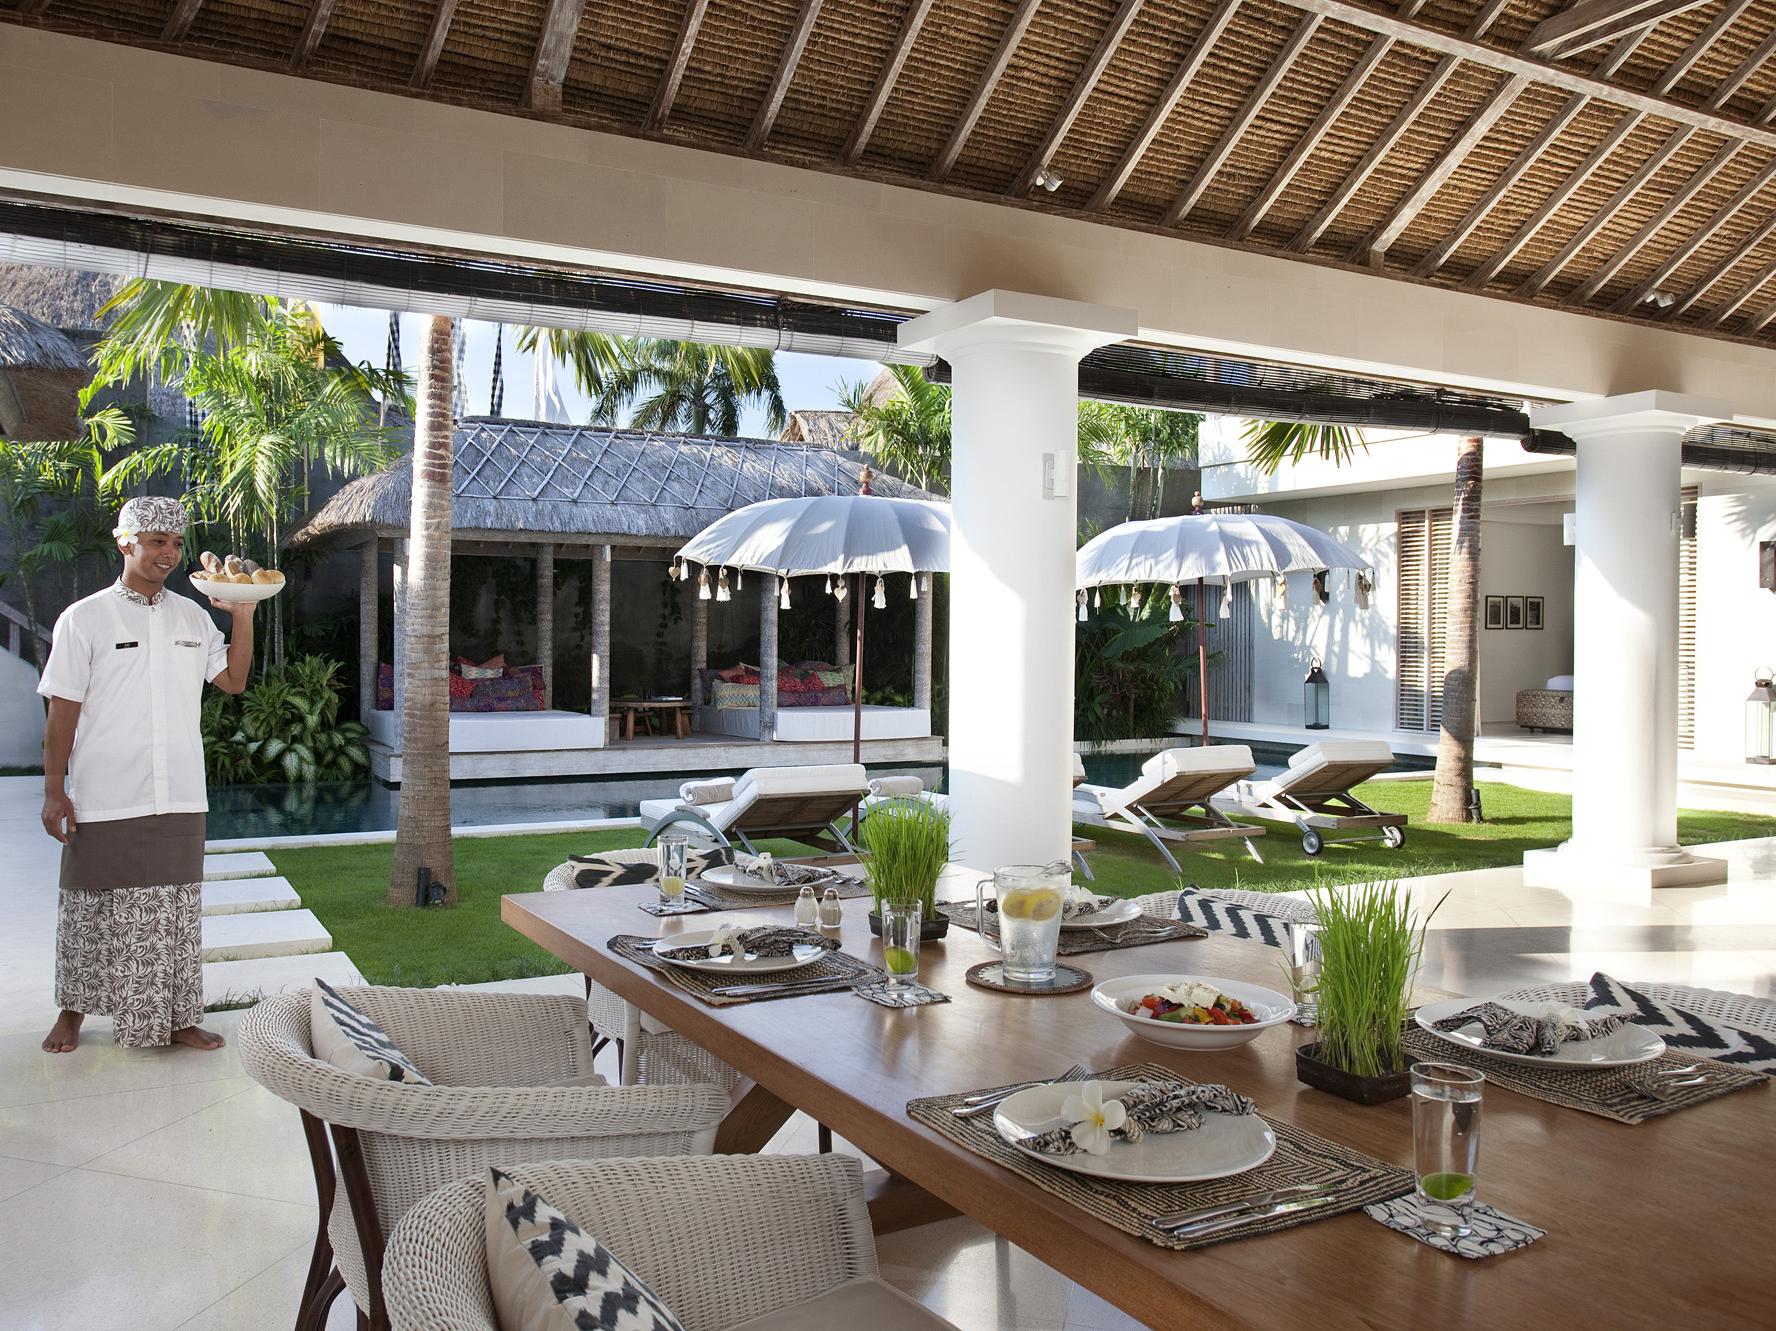 05-Villa Adasa - Dining area.jpg